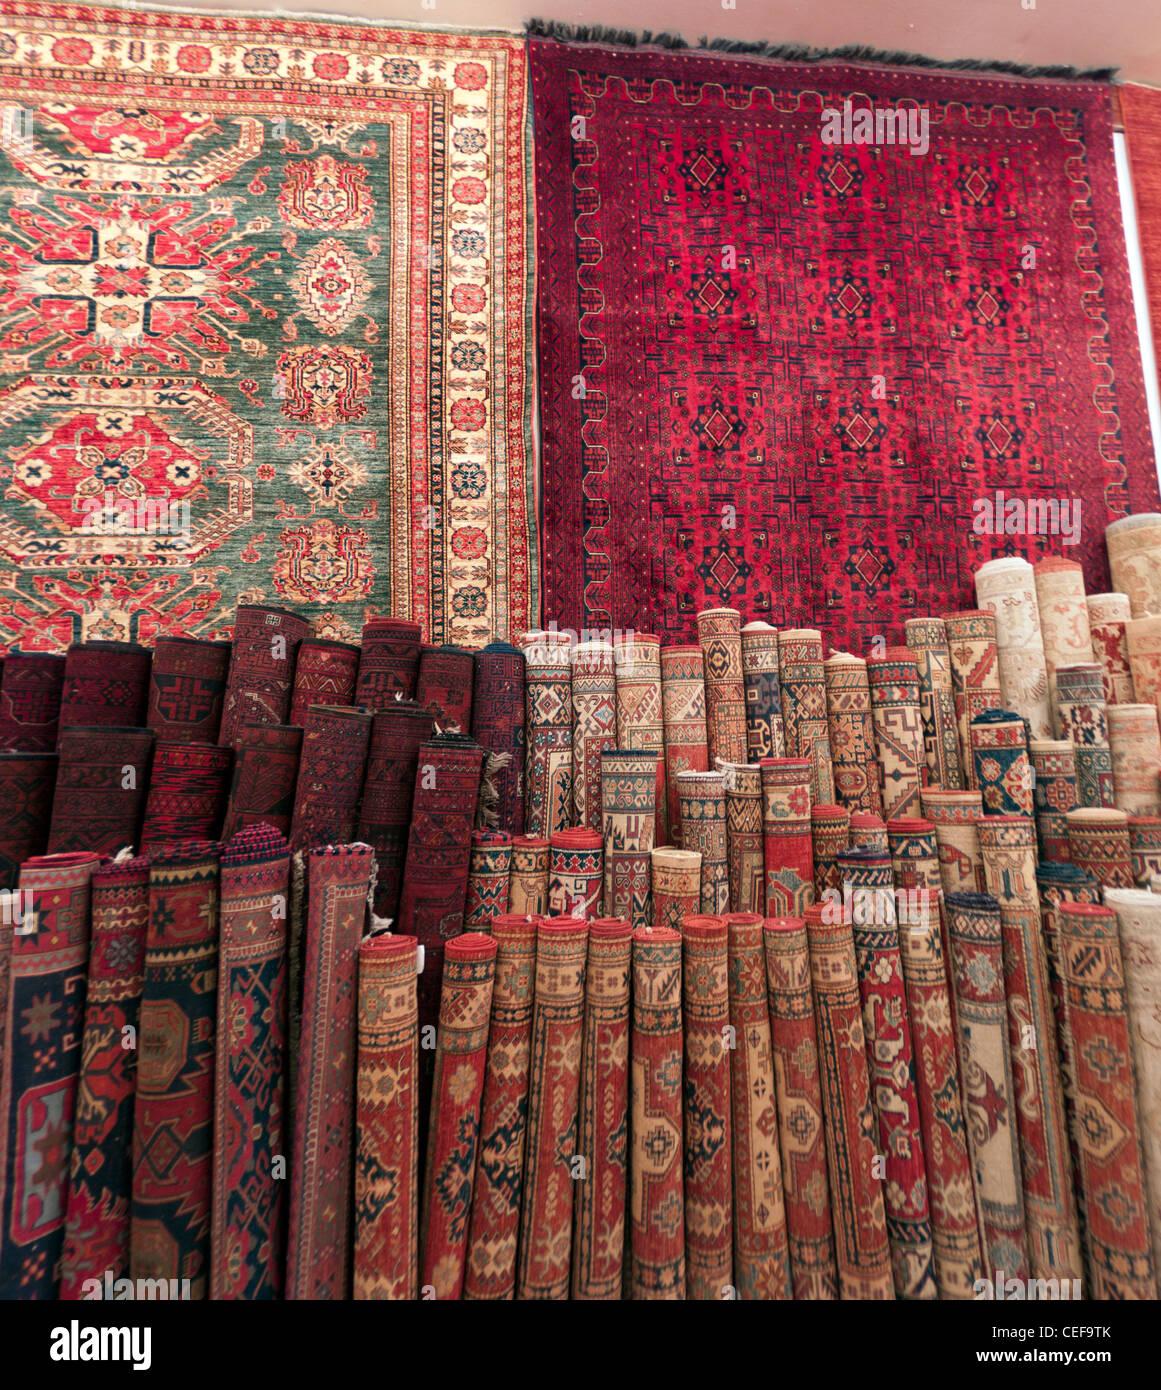 Les tapis persans d'être vendu dans une boutique de Riyad Photo Stock